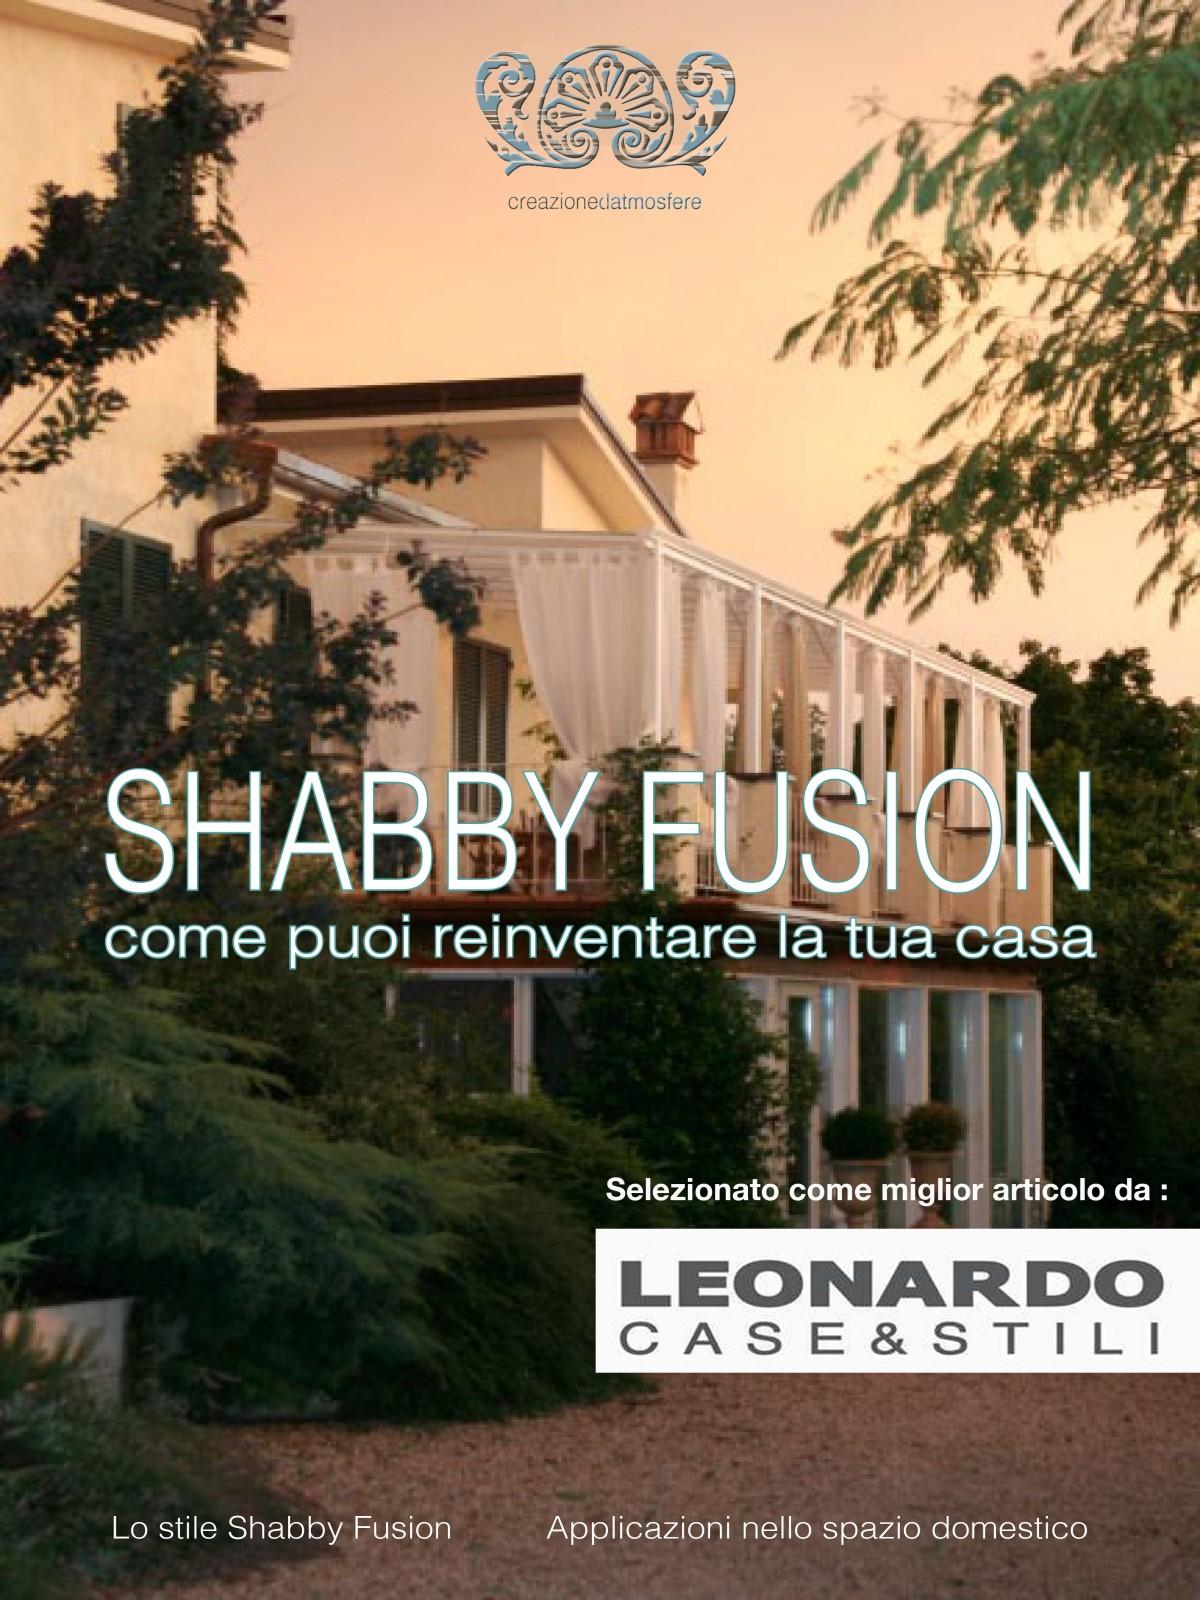 SHABBY FUSION copertina logo leonardo